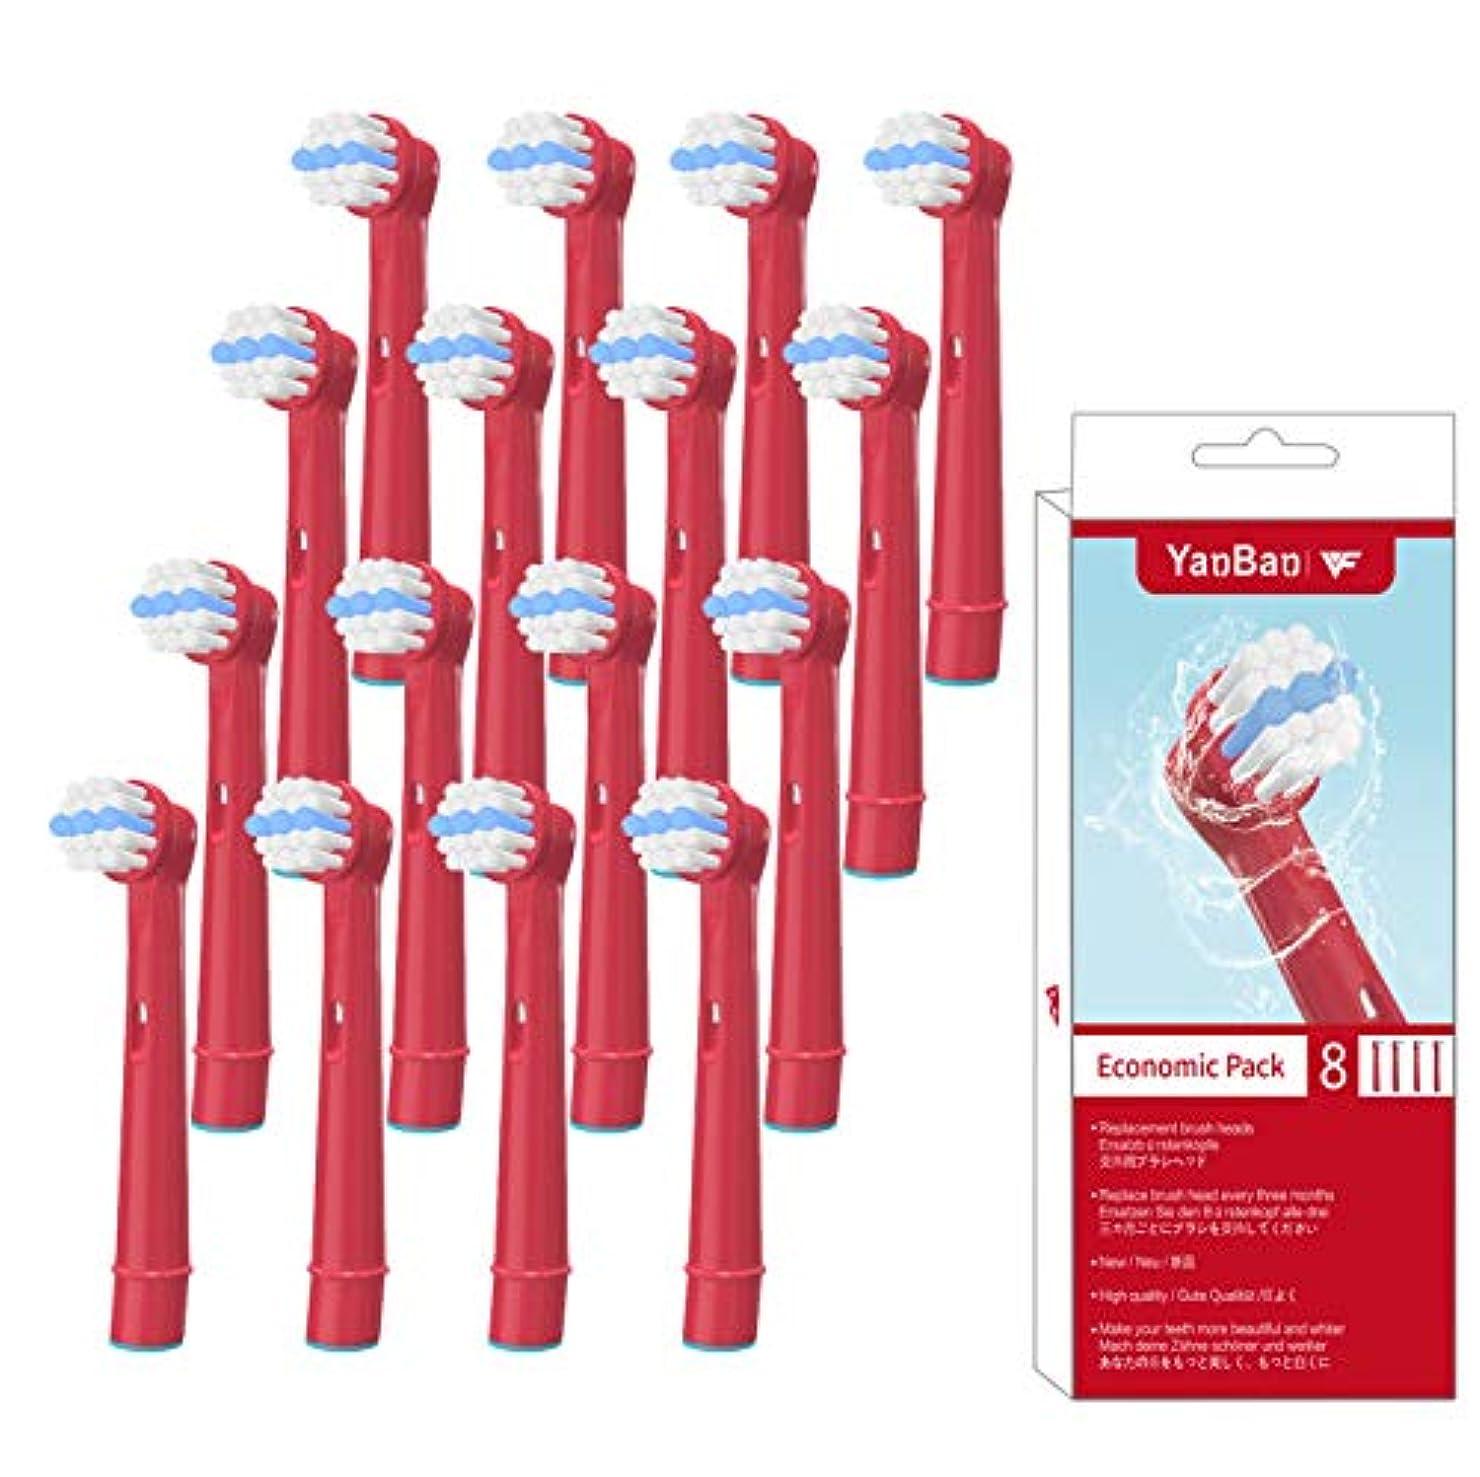 ゴミハイライト材料WyFun ブラウン オーラルB 対応 電動歯ブラシ 子供用 すみずみクリーンキッズ レッド 歯ブラシ やわらかめ 替ブラシ (16レッド)